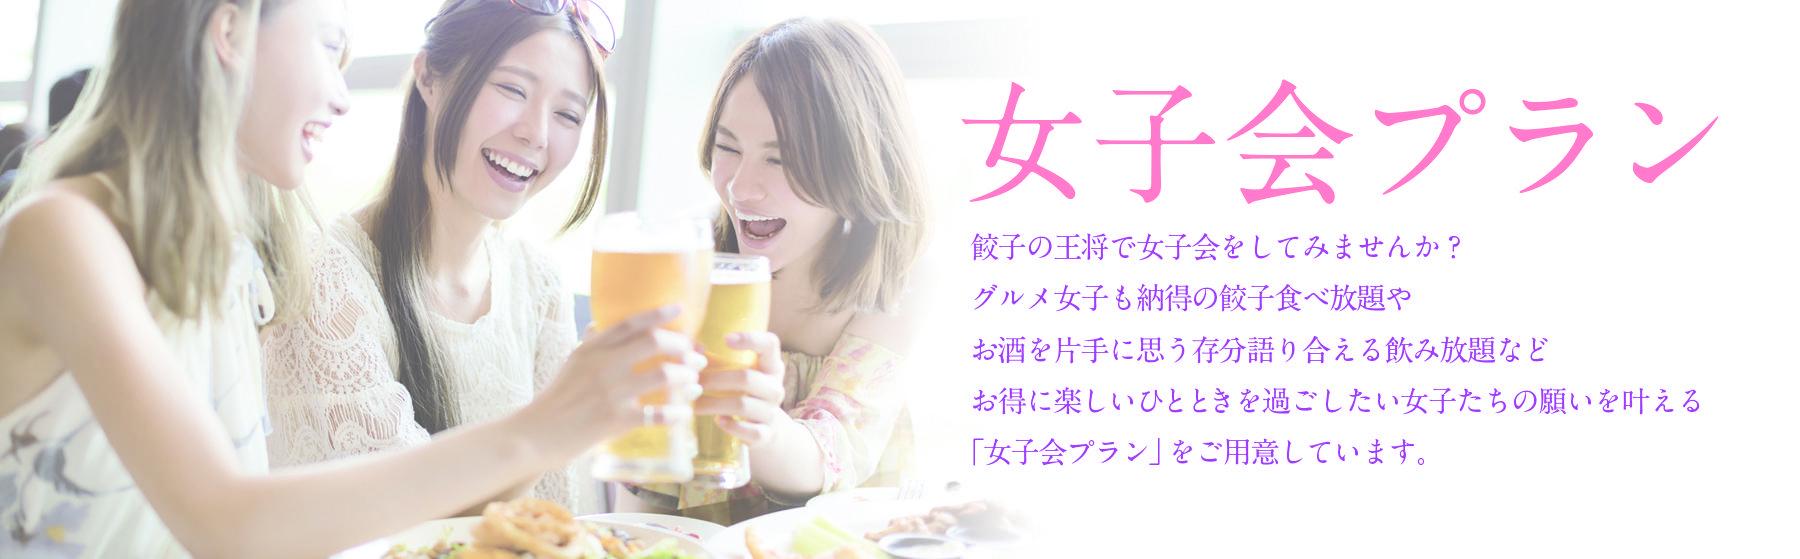 jyoshikaiplan.jpg